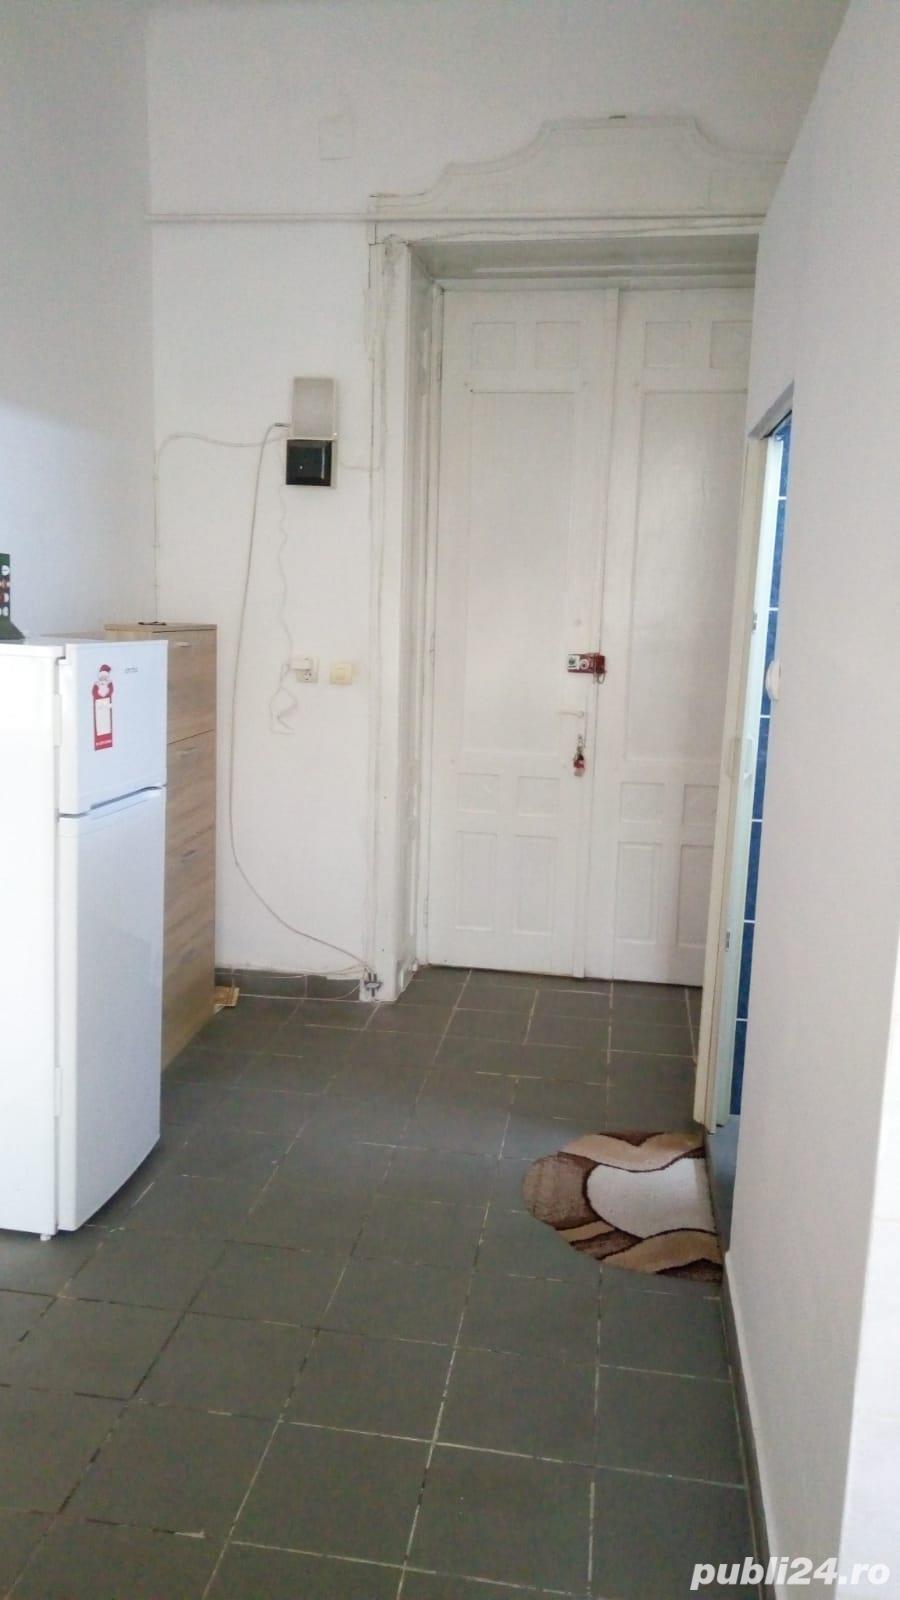 Închiriez apartament cu 1 camera